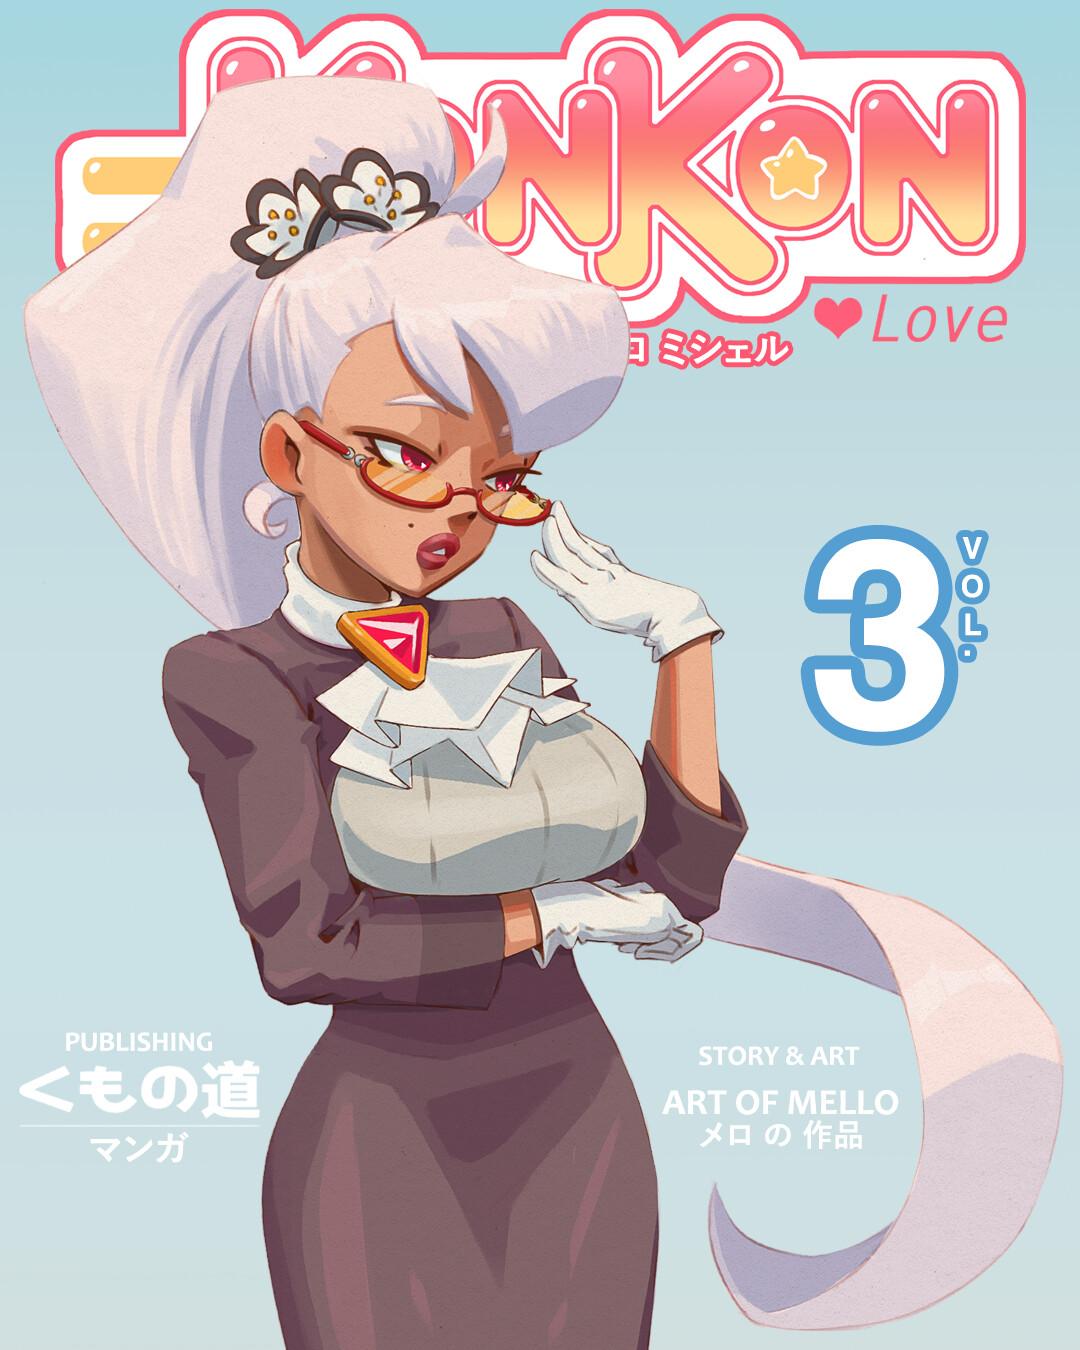 KonKon Love Vol.3